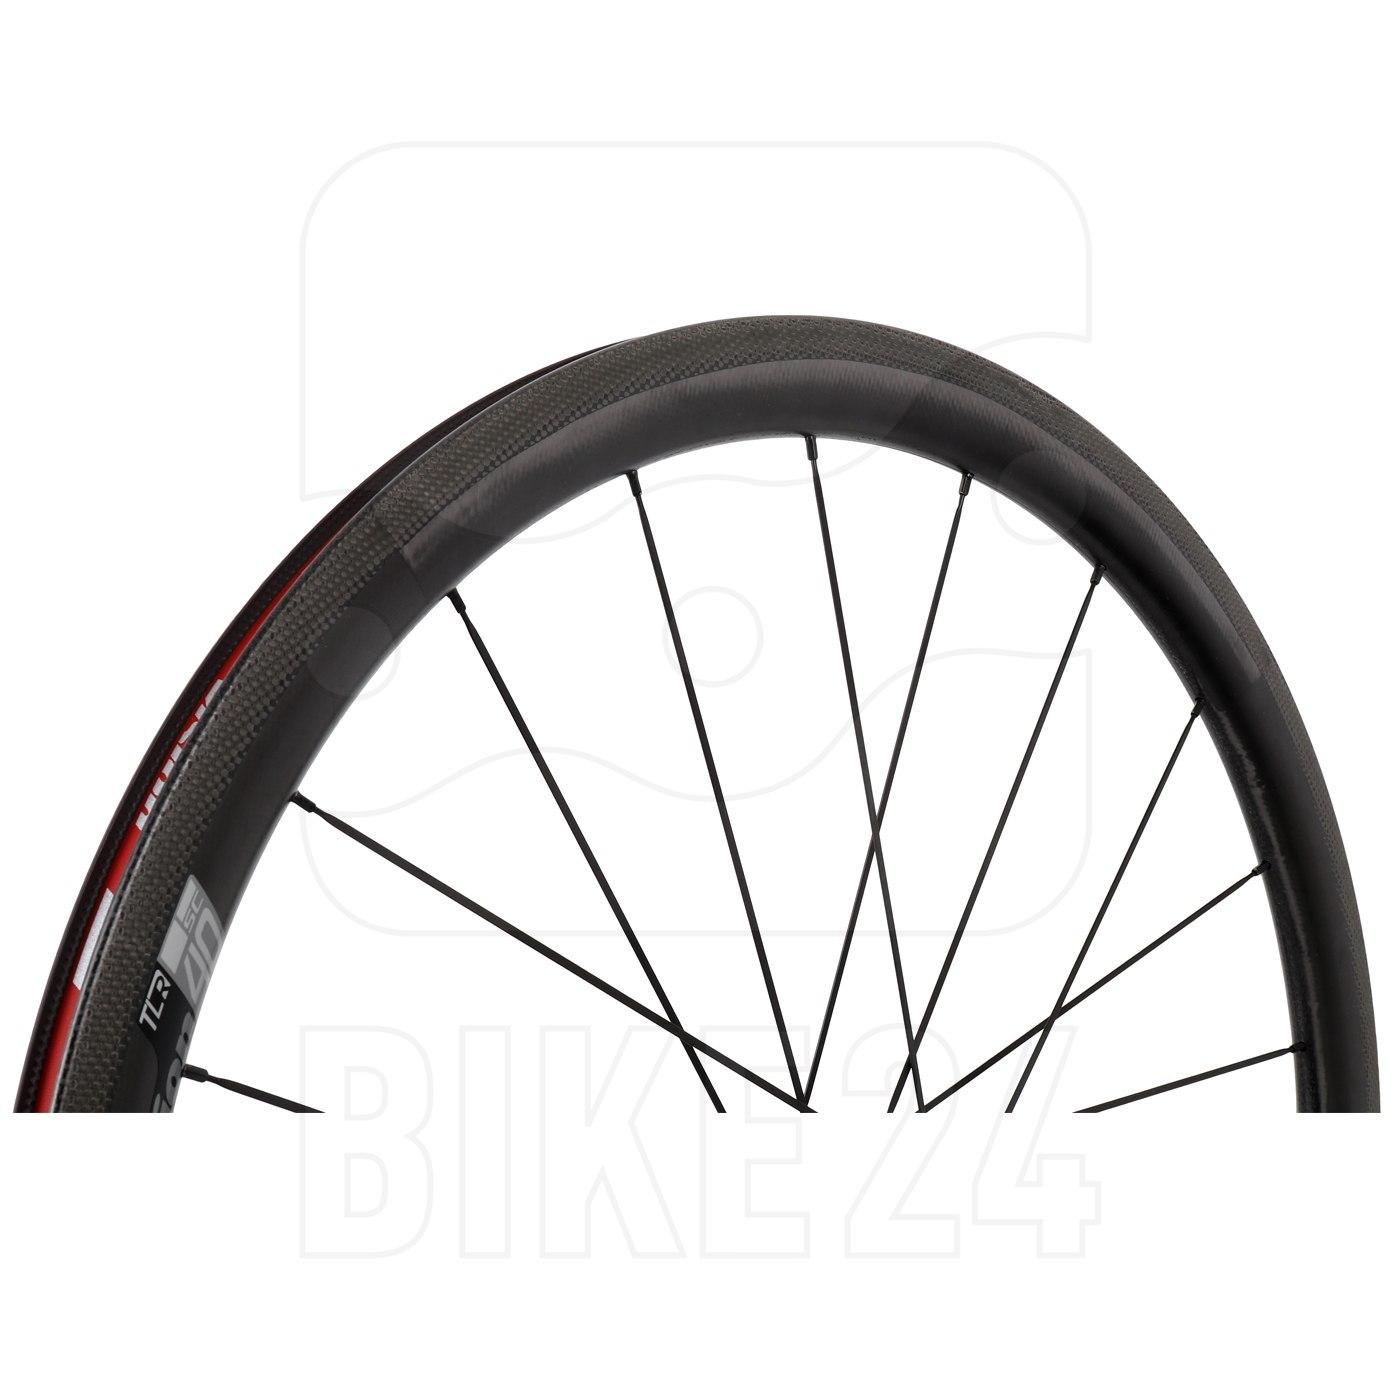 Bild von Vision SC 40 Carbon Laufradsatz - Tubeless Ready - Drahtreifen - QR